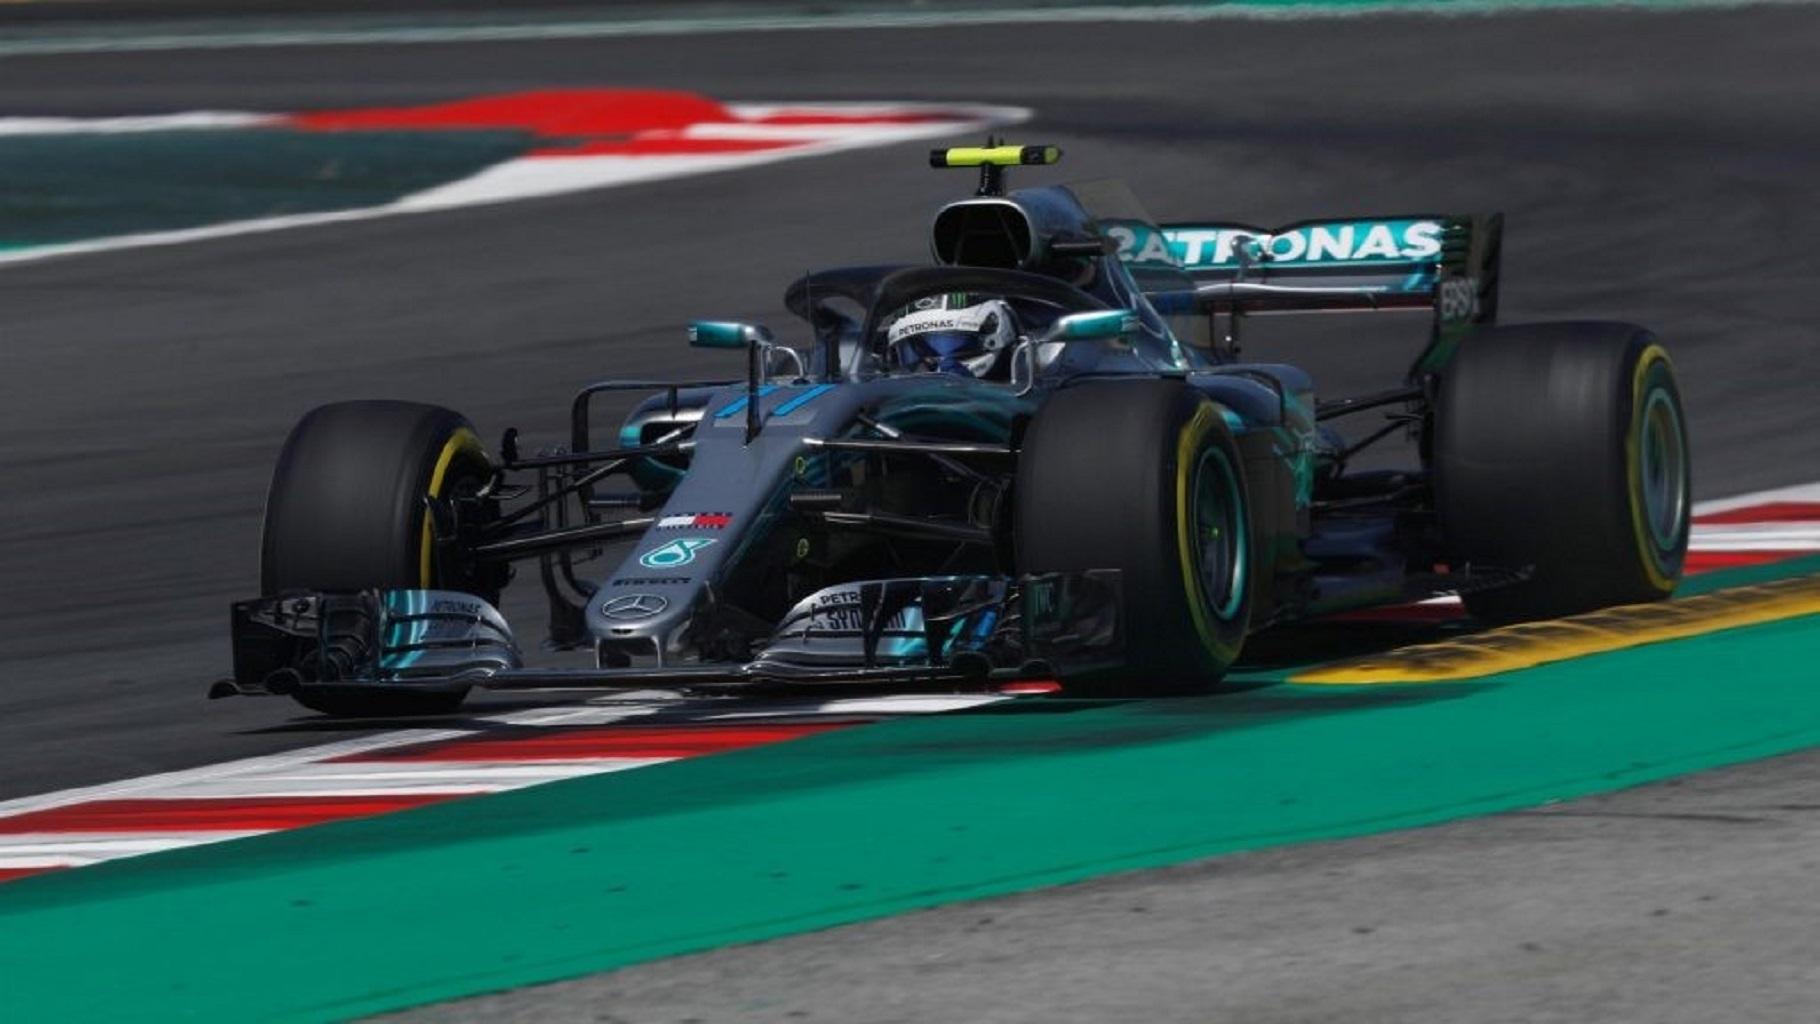 Валттери Боттас завоевал поул-позицию к Гран-при Испании, Квят — 9-й